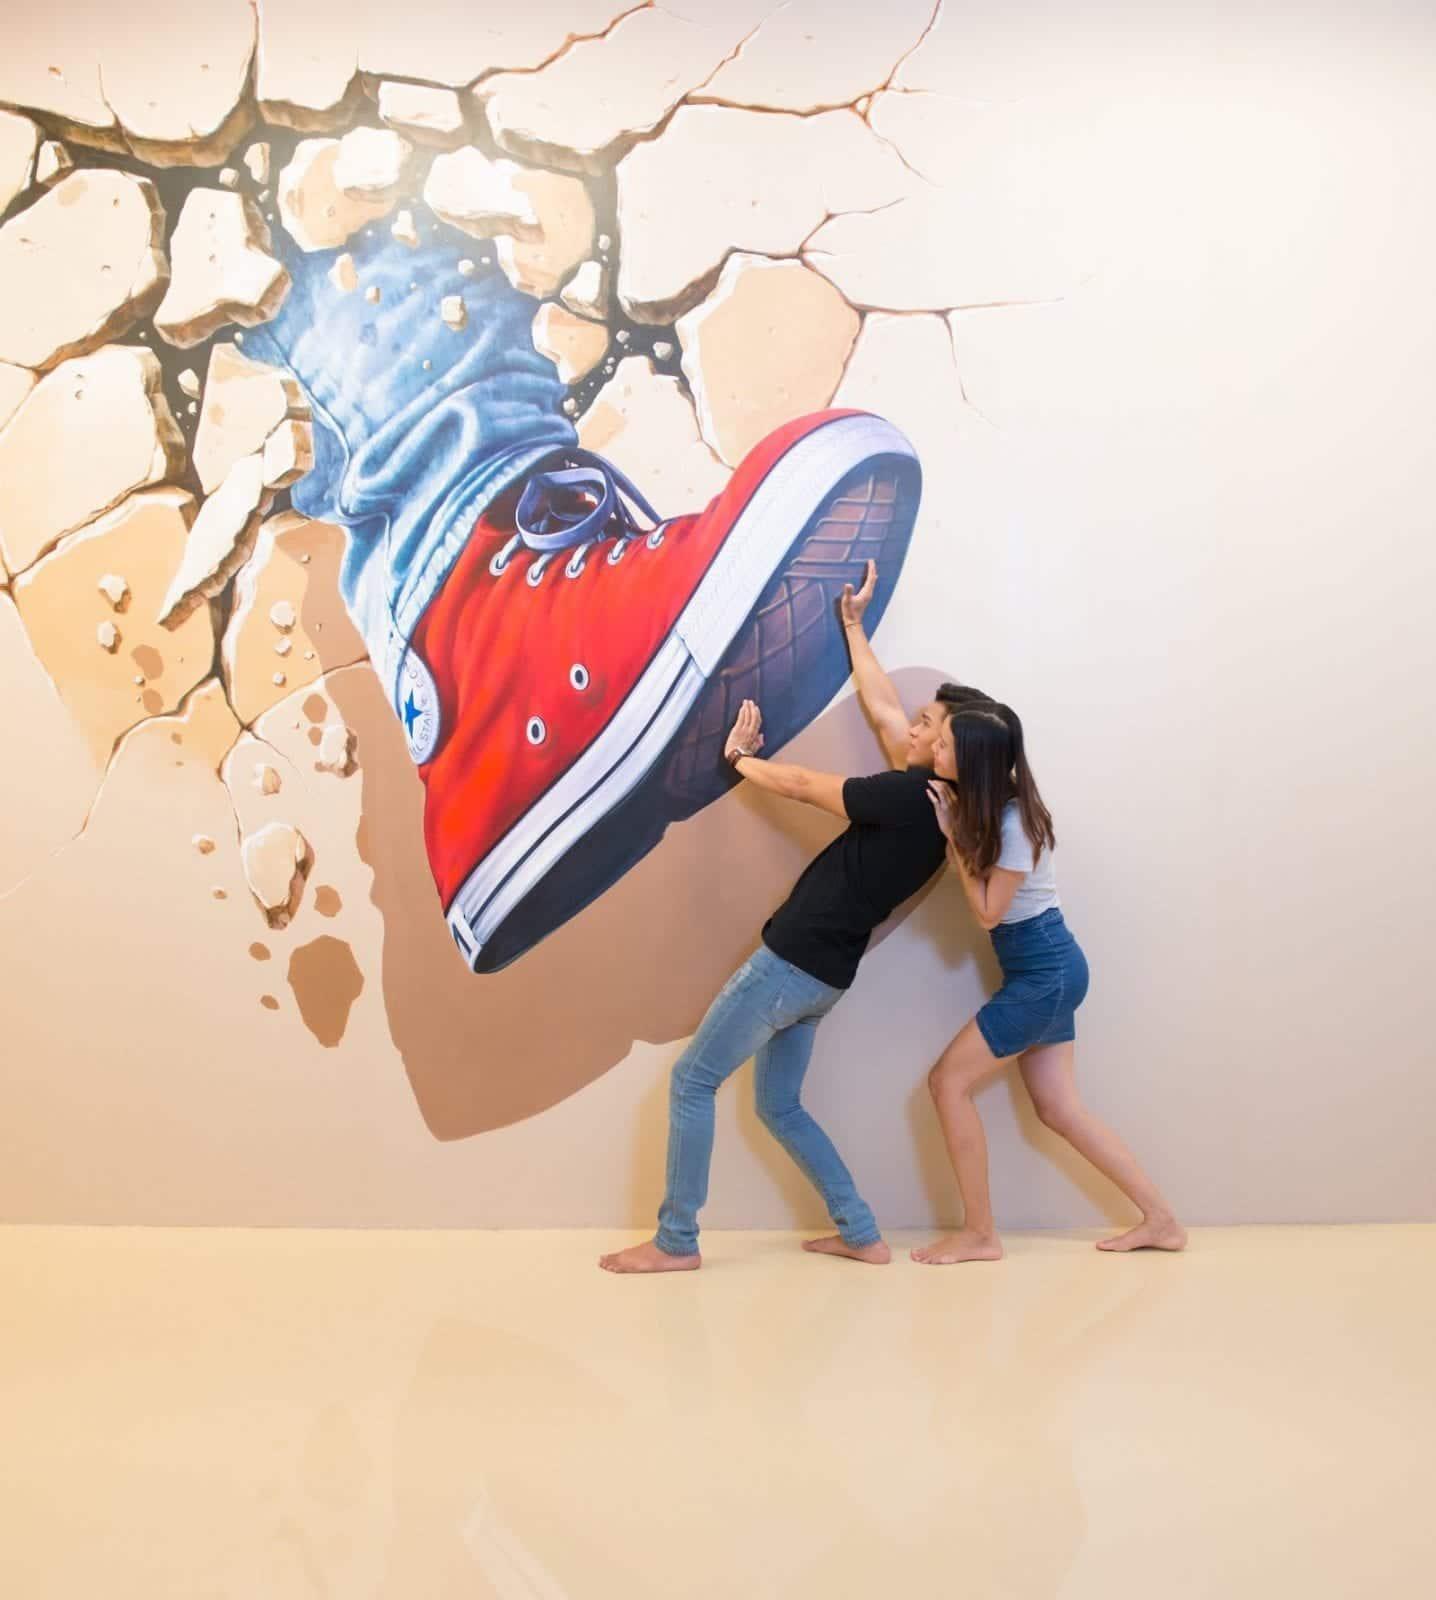 Artinus - 3D Art Gallery in Ho Chi Minh